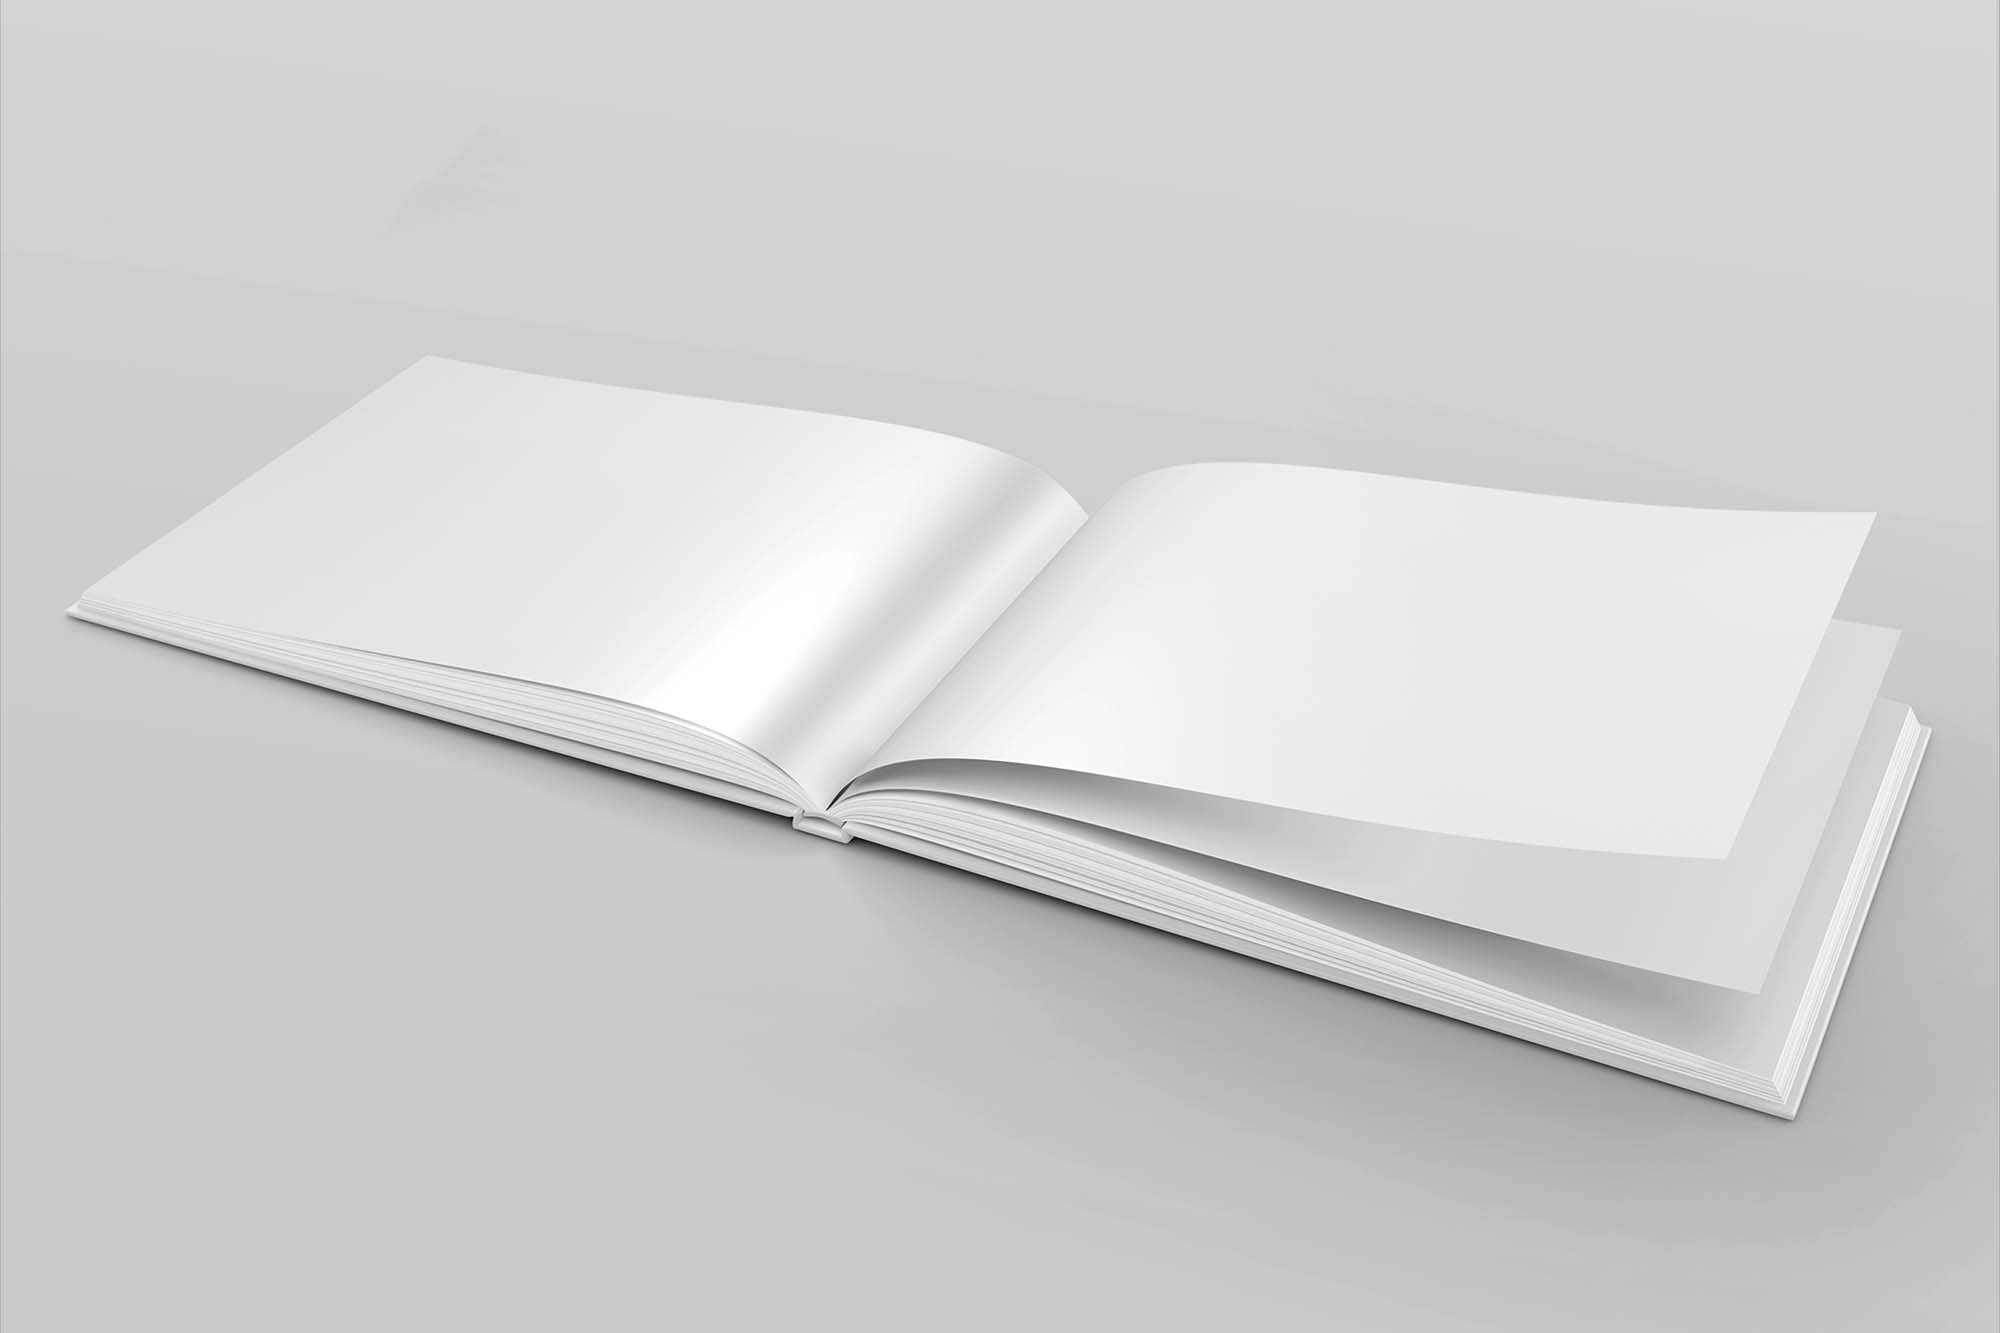 Landscape Hardcover Book Mockup 2